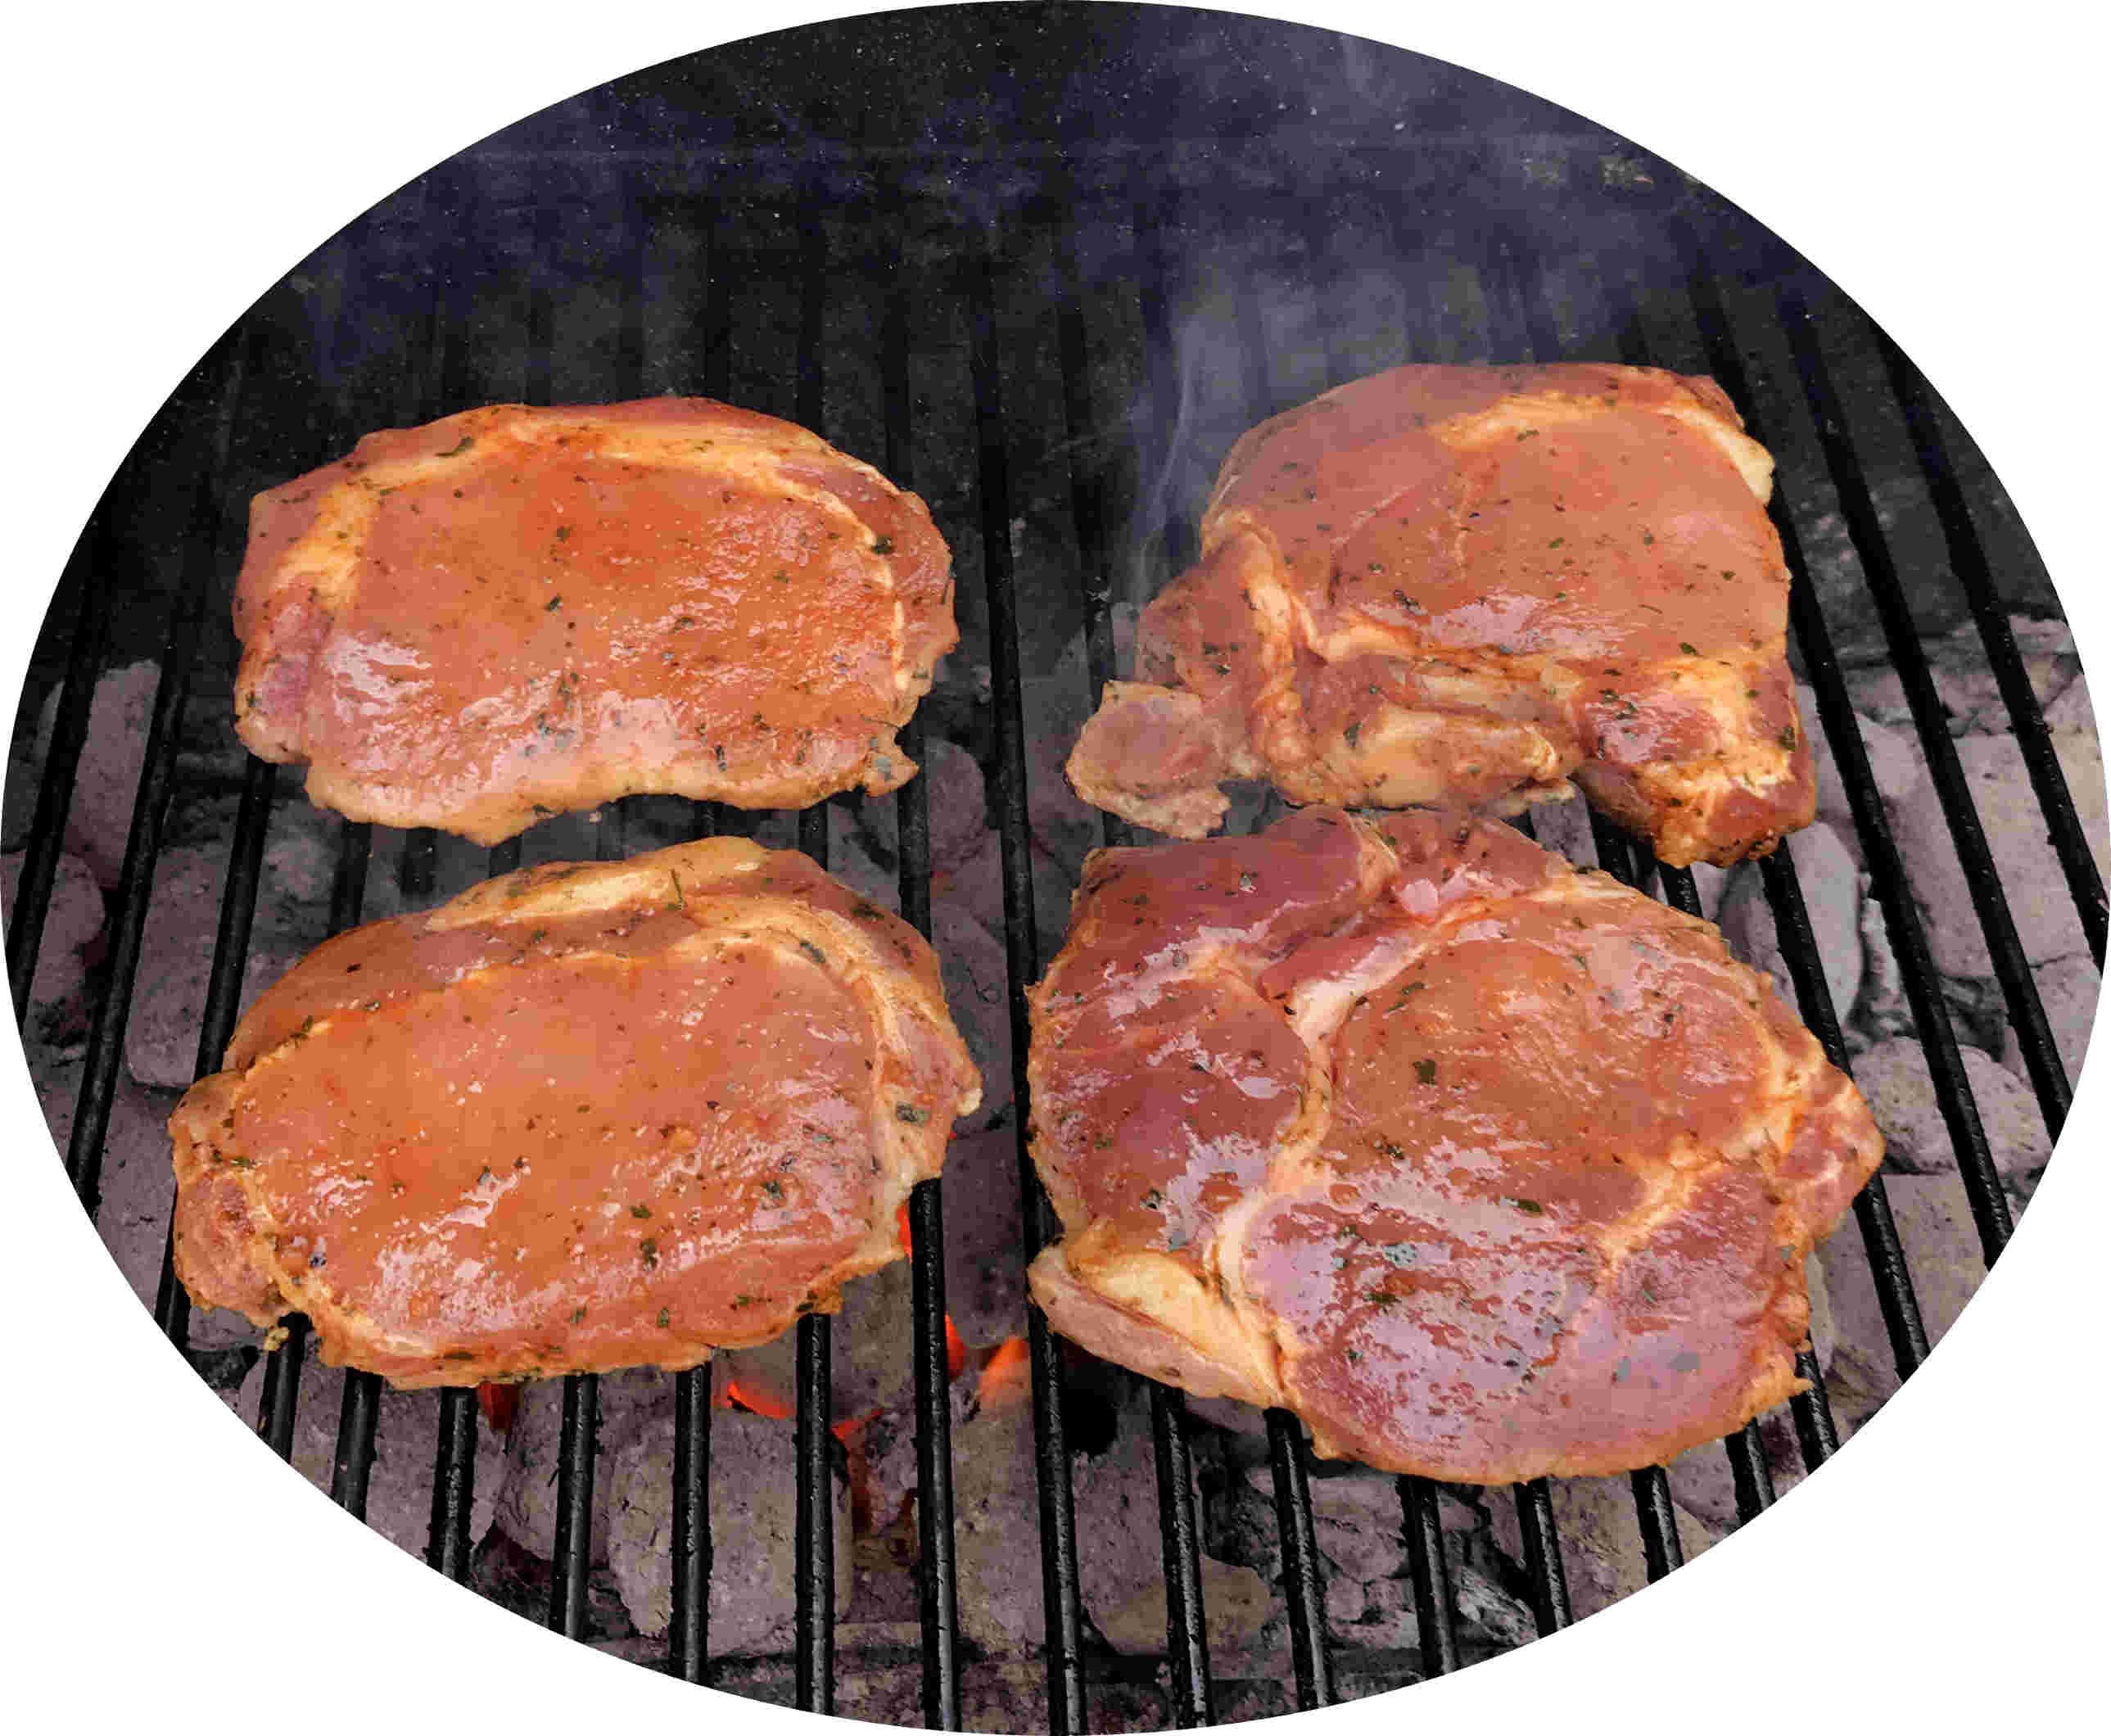 Langes Kotelett mariniert ohne Knochen vom BIO-Schwein, ca. 0,6 kg